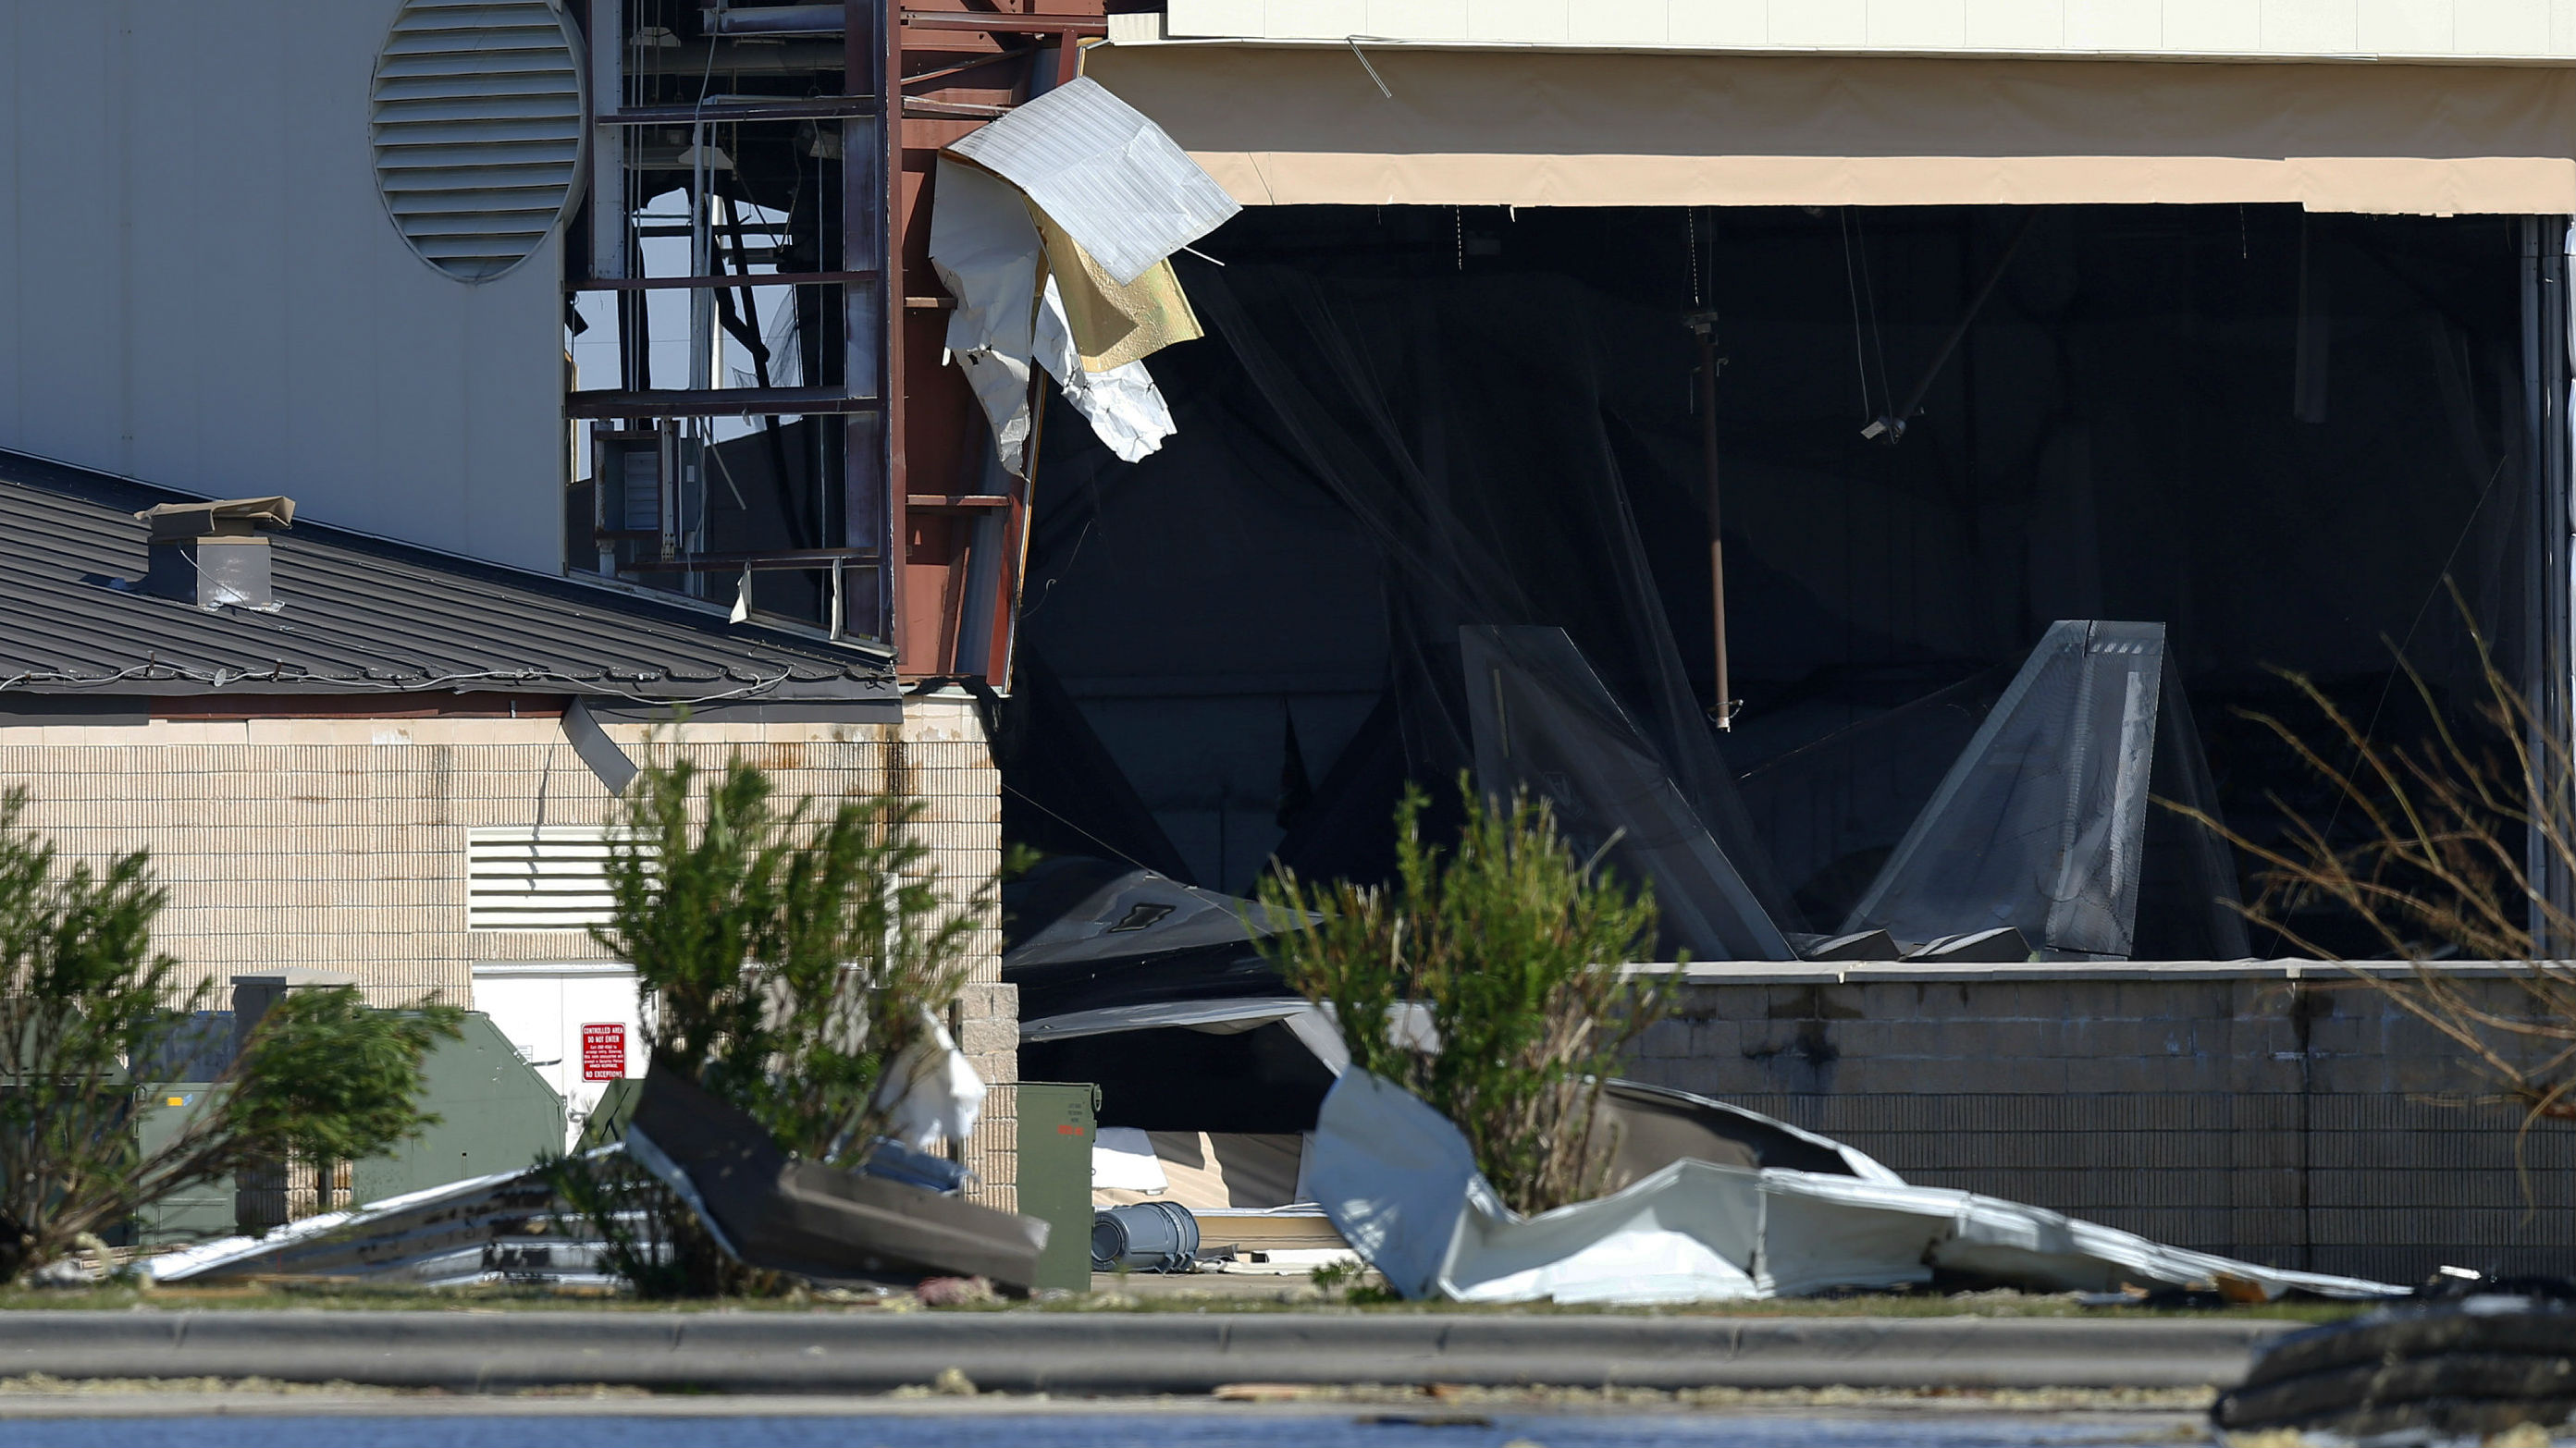 损失超过10亿美元!飓风重创美军F-22隐身战机基地